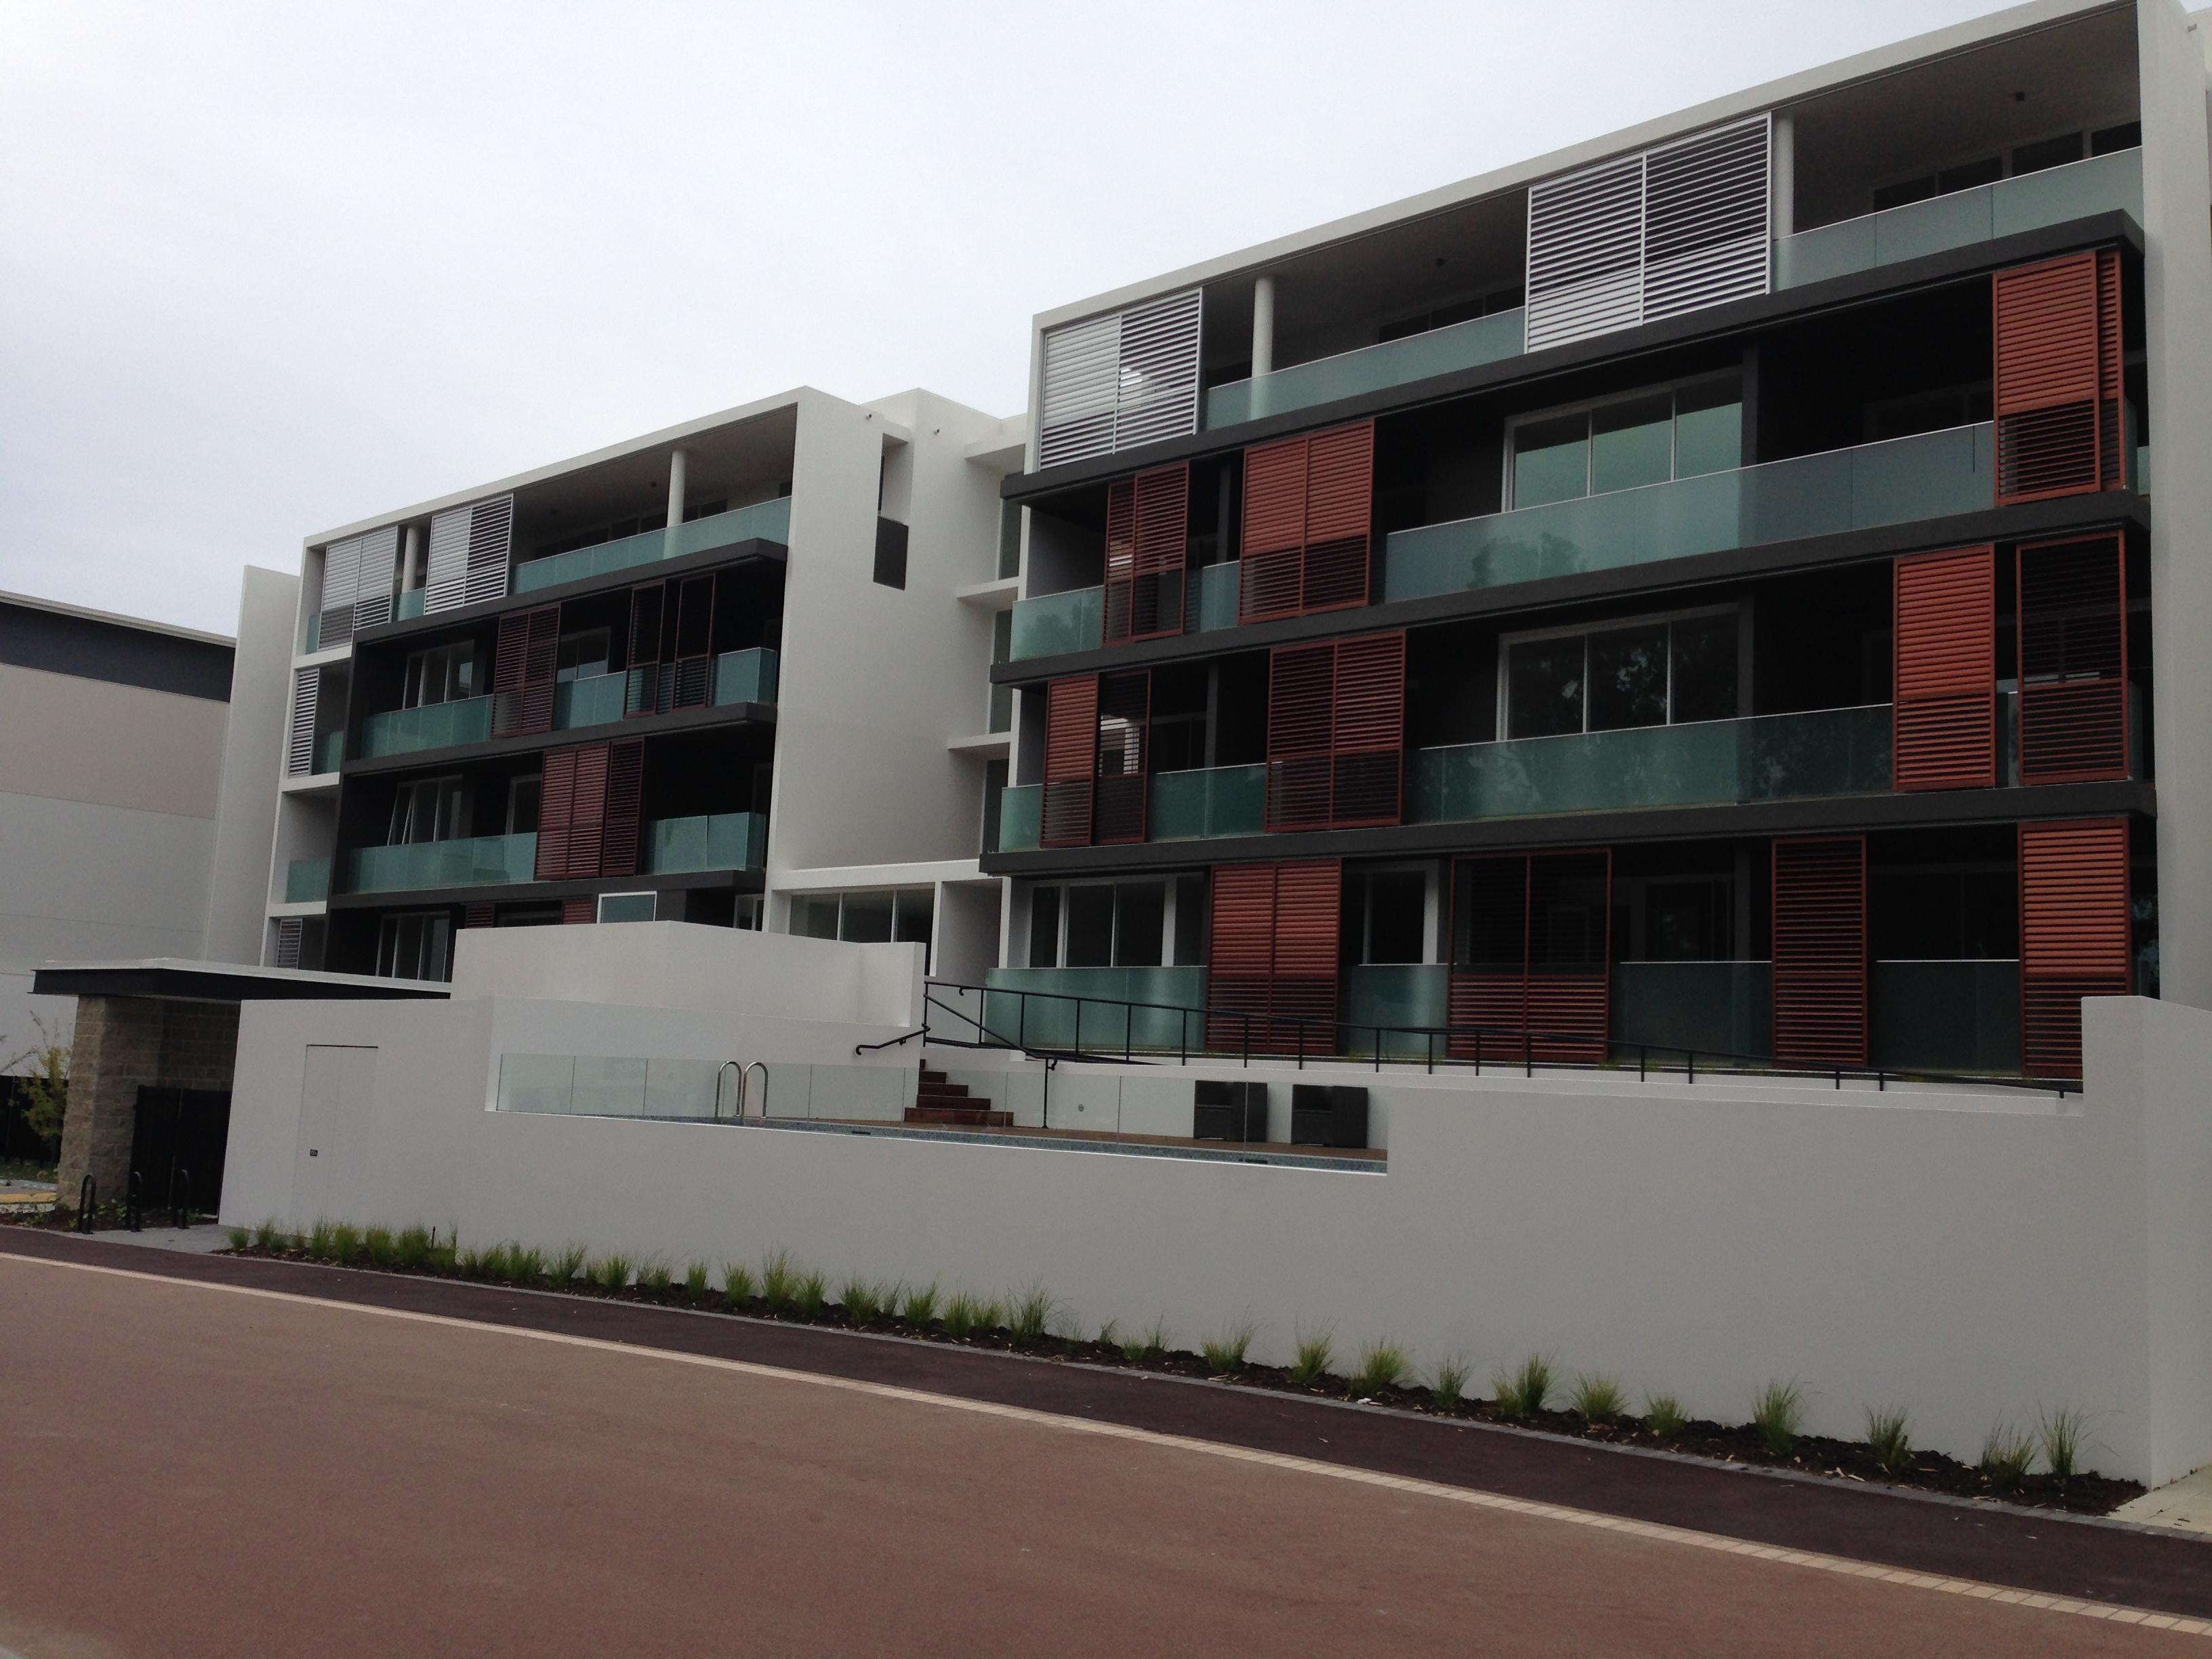 McCallum Lane Apartments